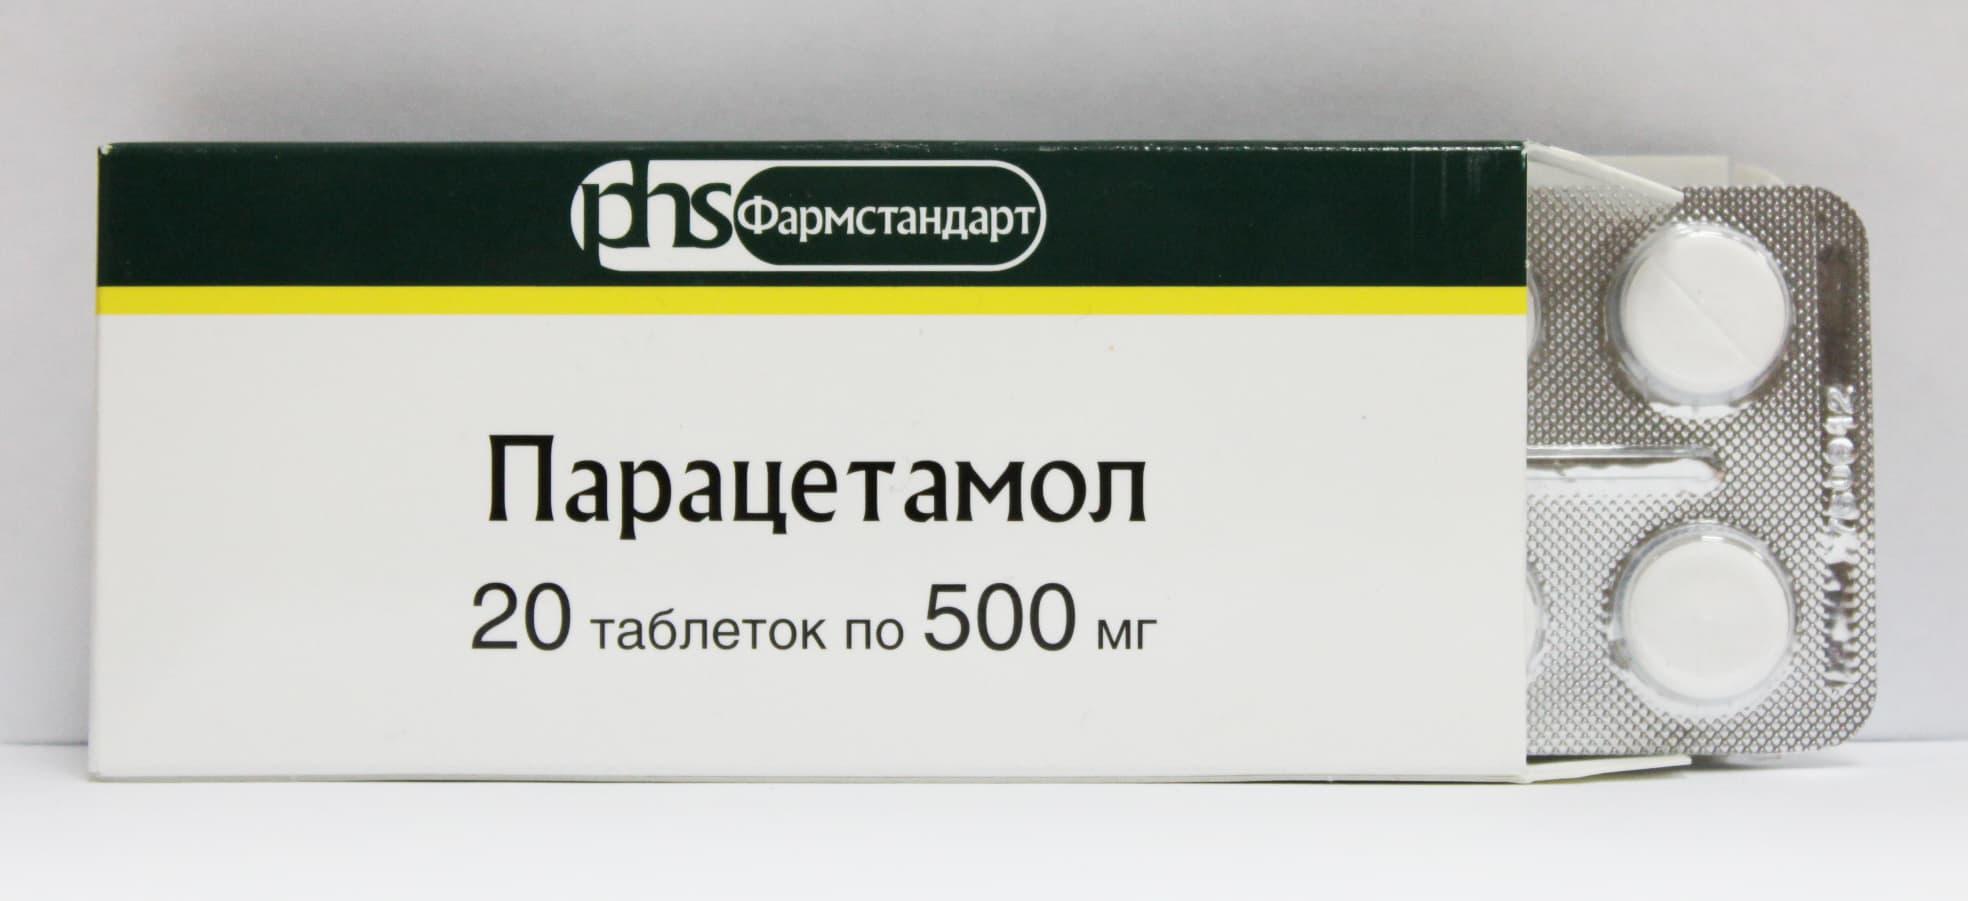 20 таблеток препарата